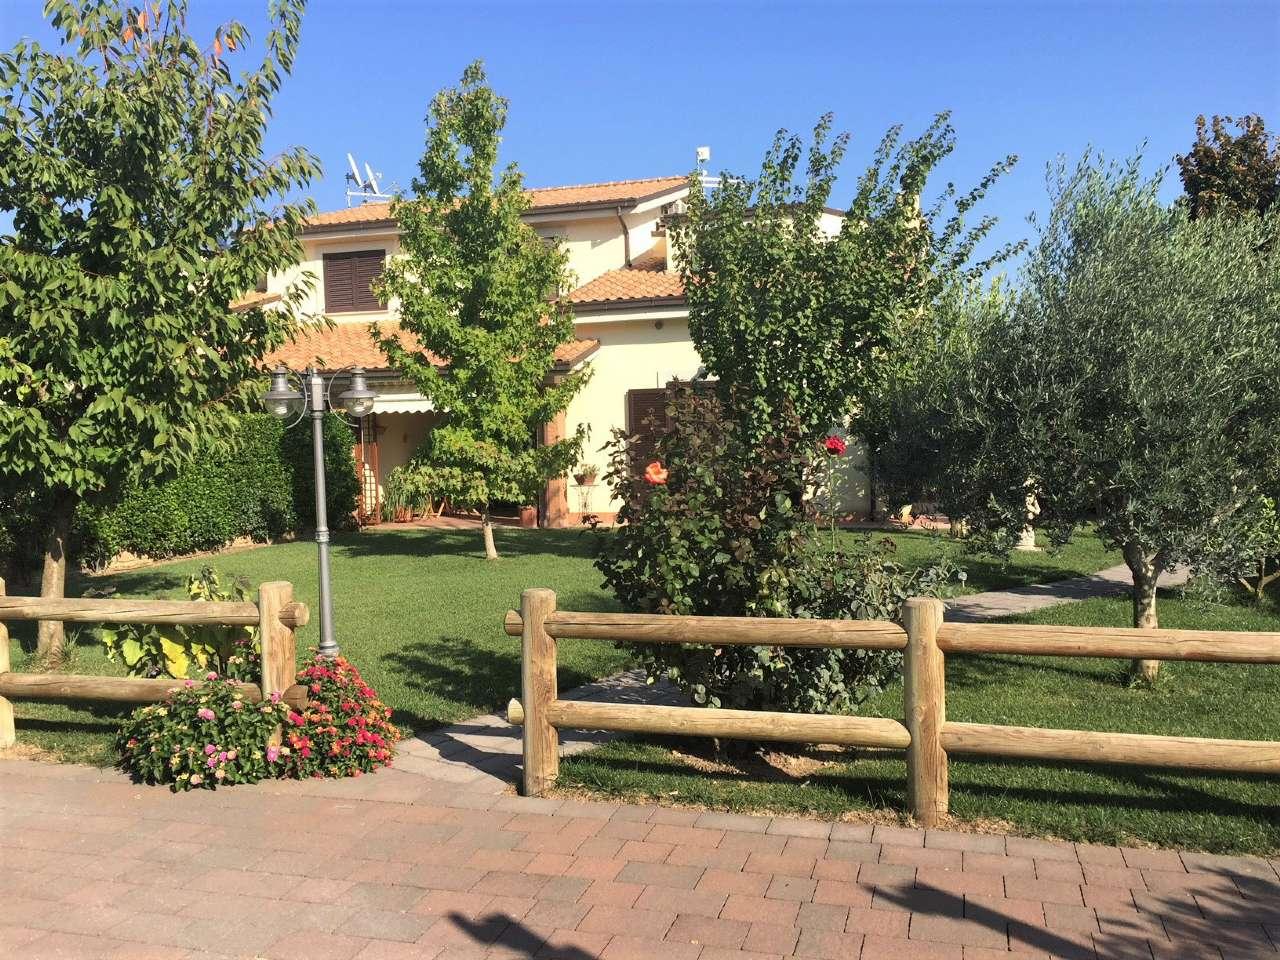 Villa Tri-Quadrifamiliare in vendita a Capena, 3 locali, prezzo € 209.000 | CambioCasa.it